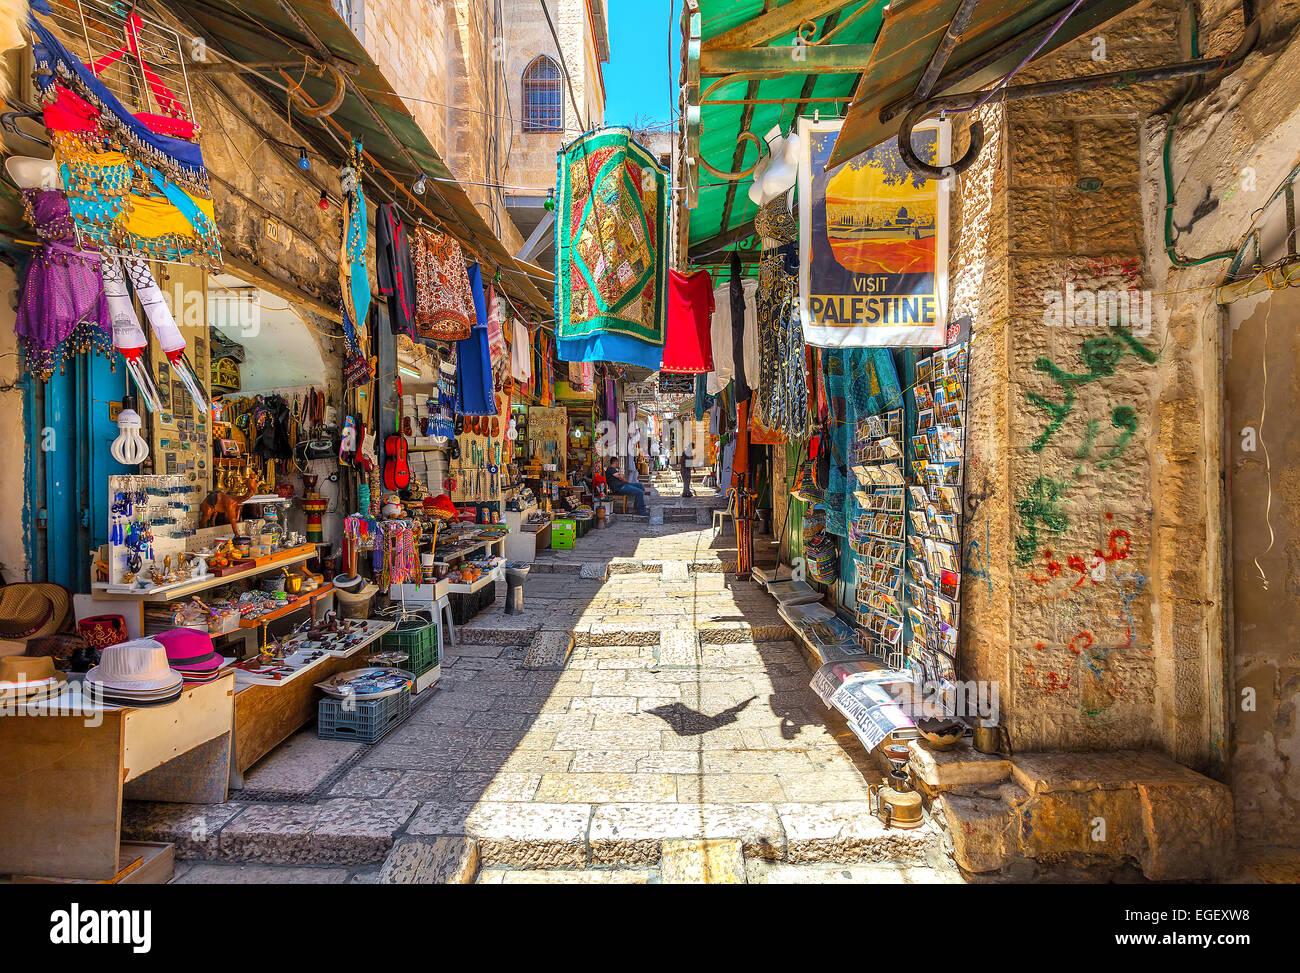 Estrechas calles de piedra de sillería con recuerdos típicos y mercancías en bazar en Jerusalén. Imagen De Stock